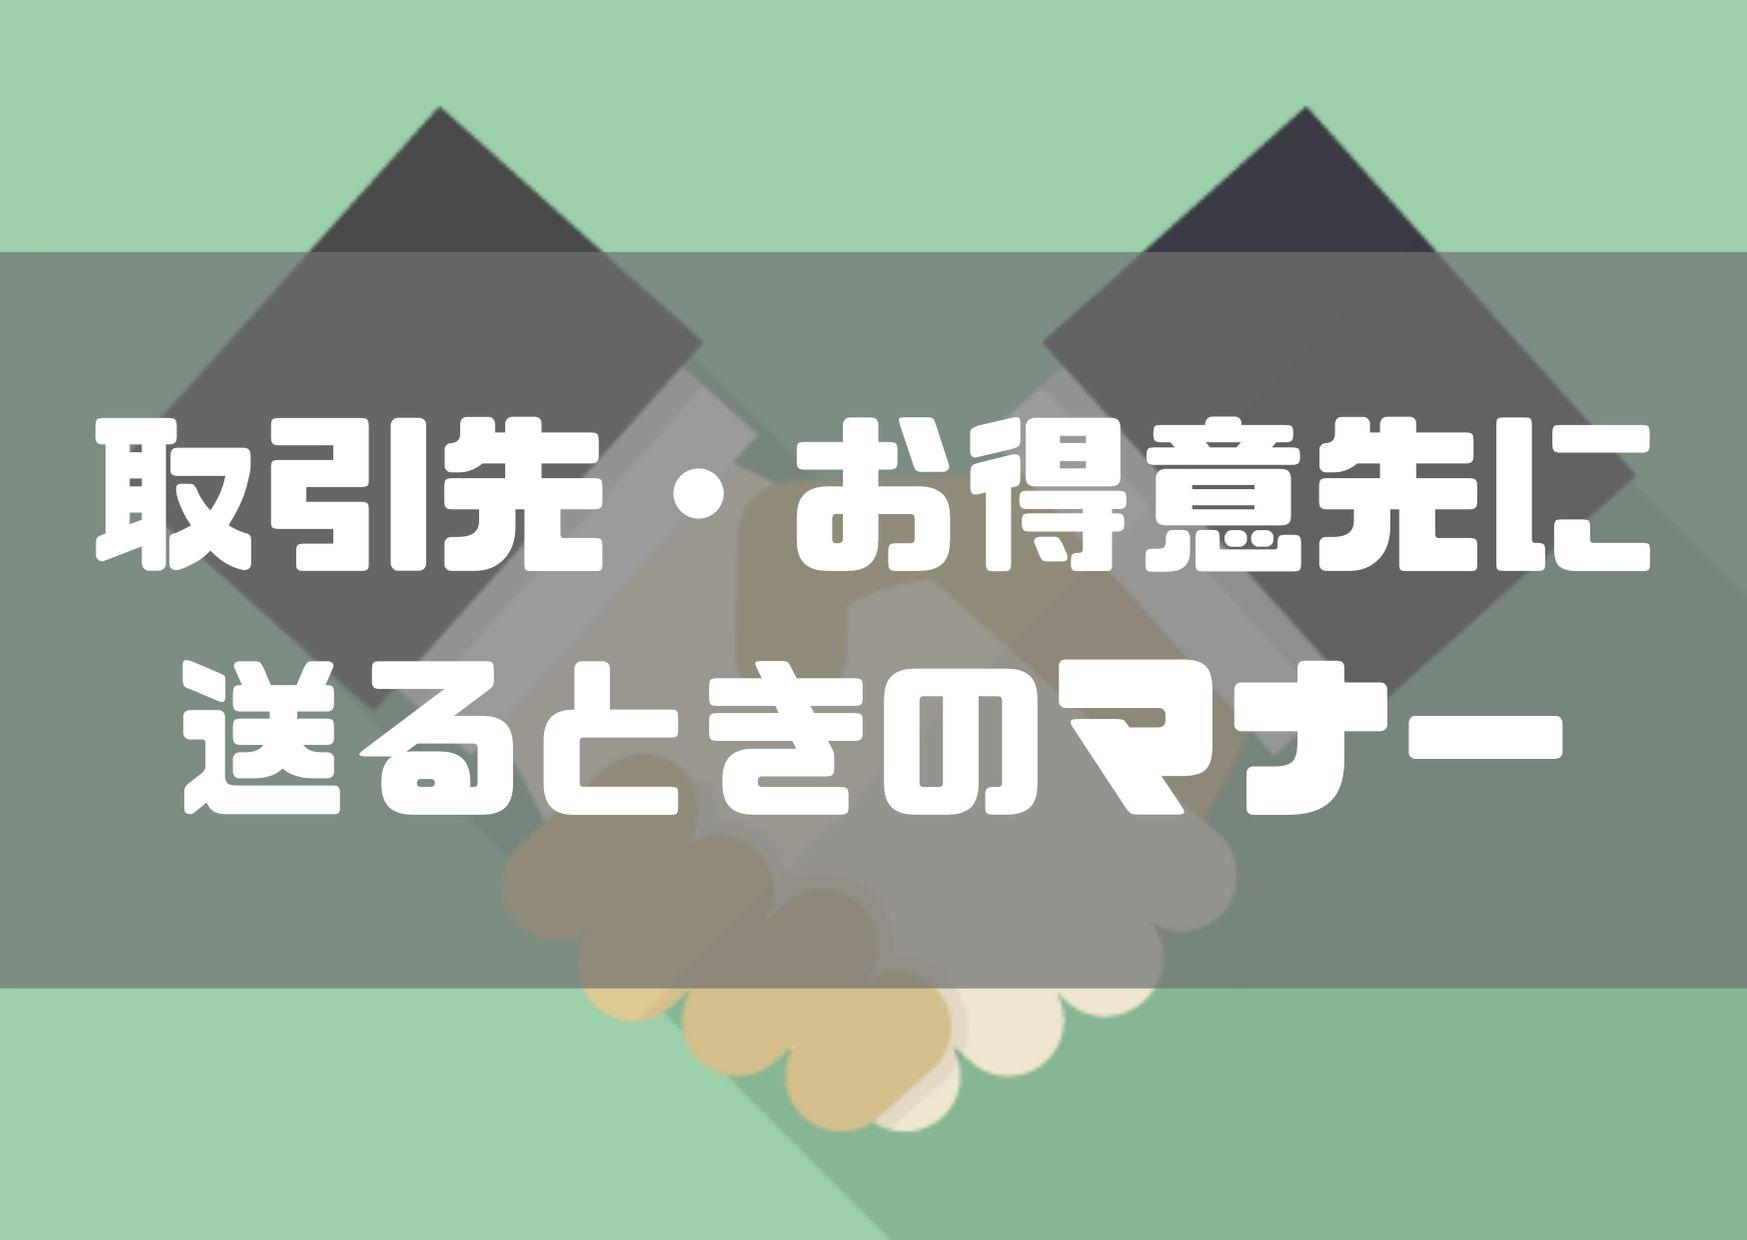 退職_挨拶_メール_取引先_マナー